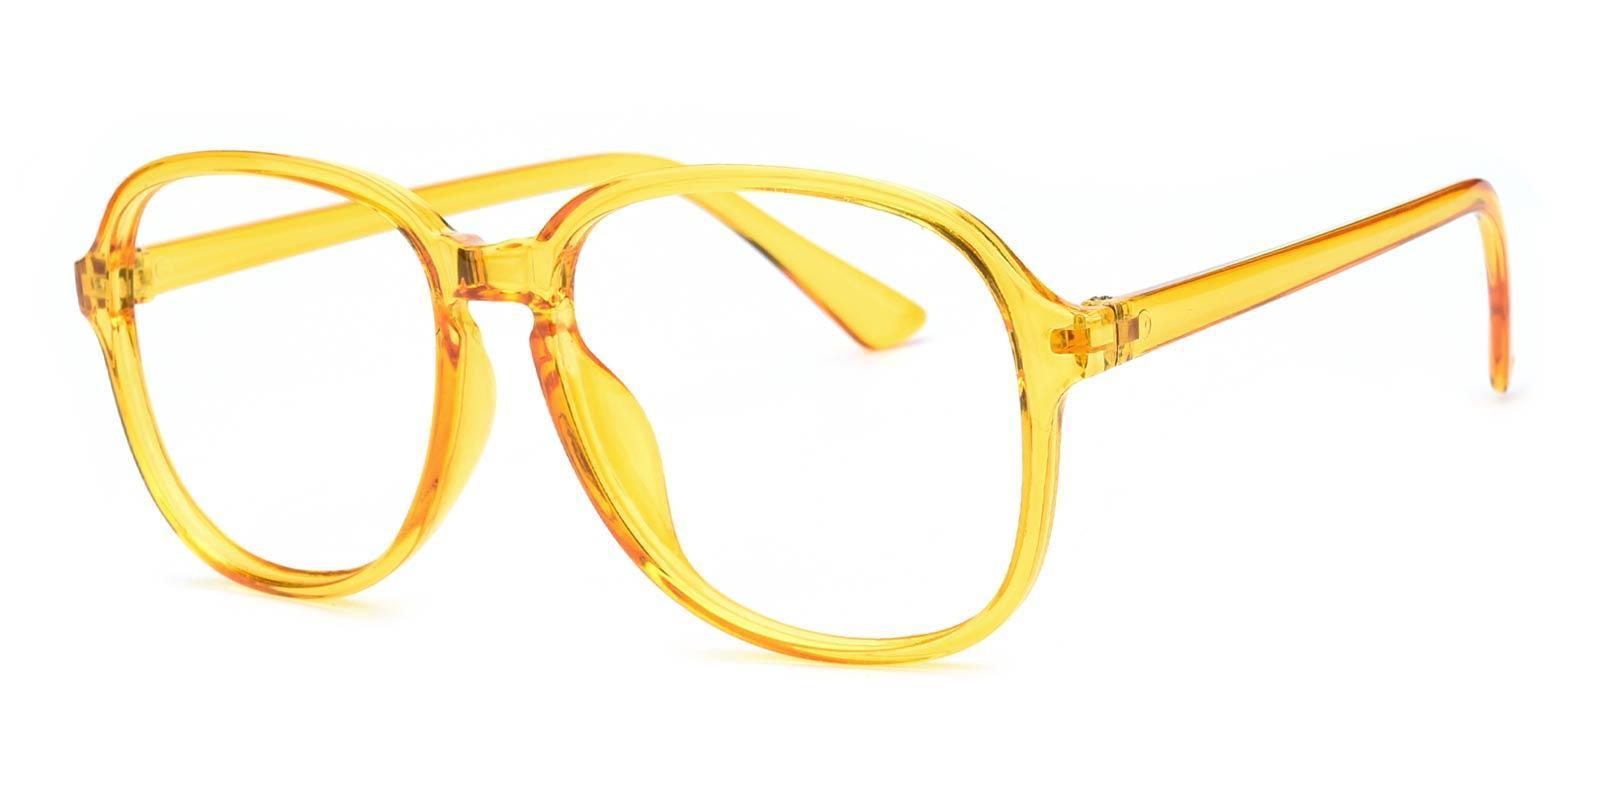 70s-Yellow-Square-TR-Eyeglasses-detail